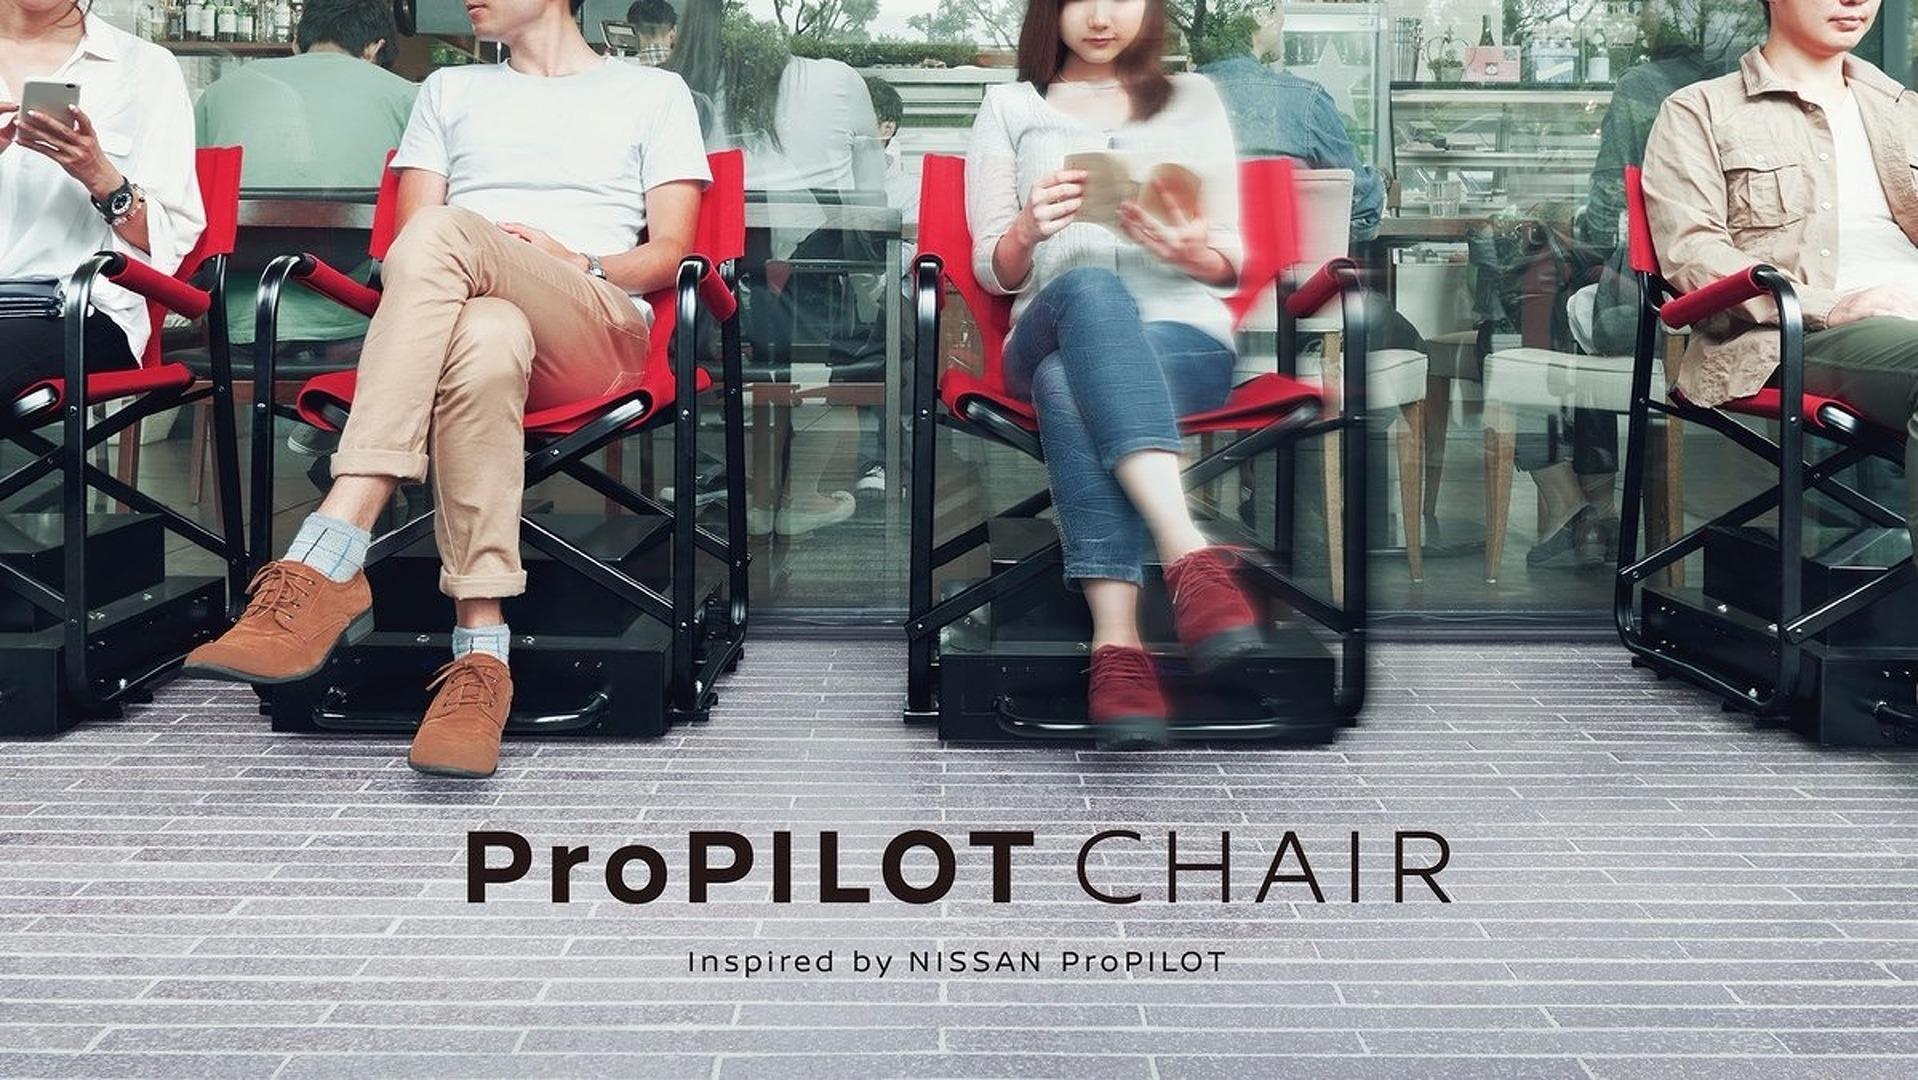 Nissan autonomous queuing chair is no joke